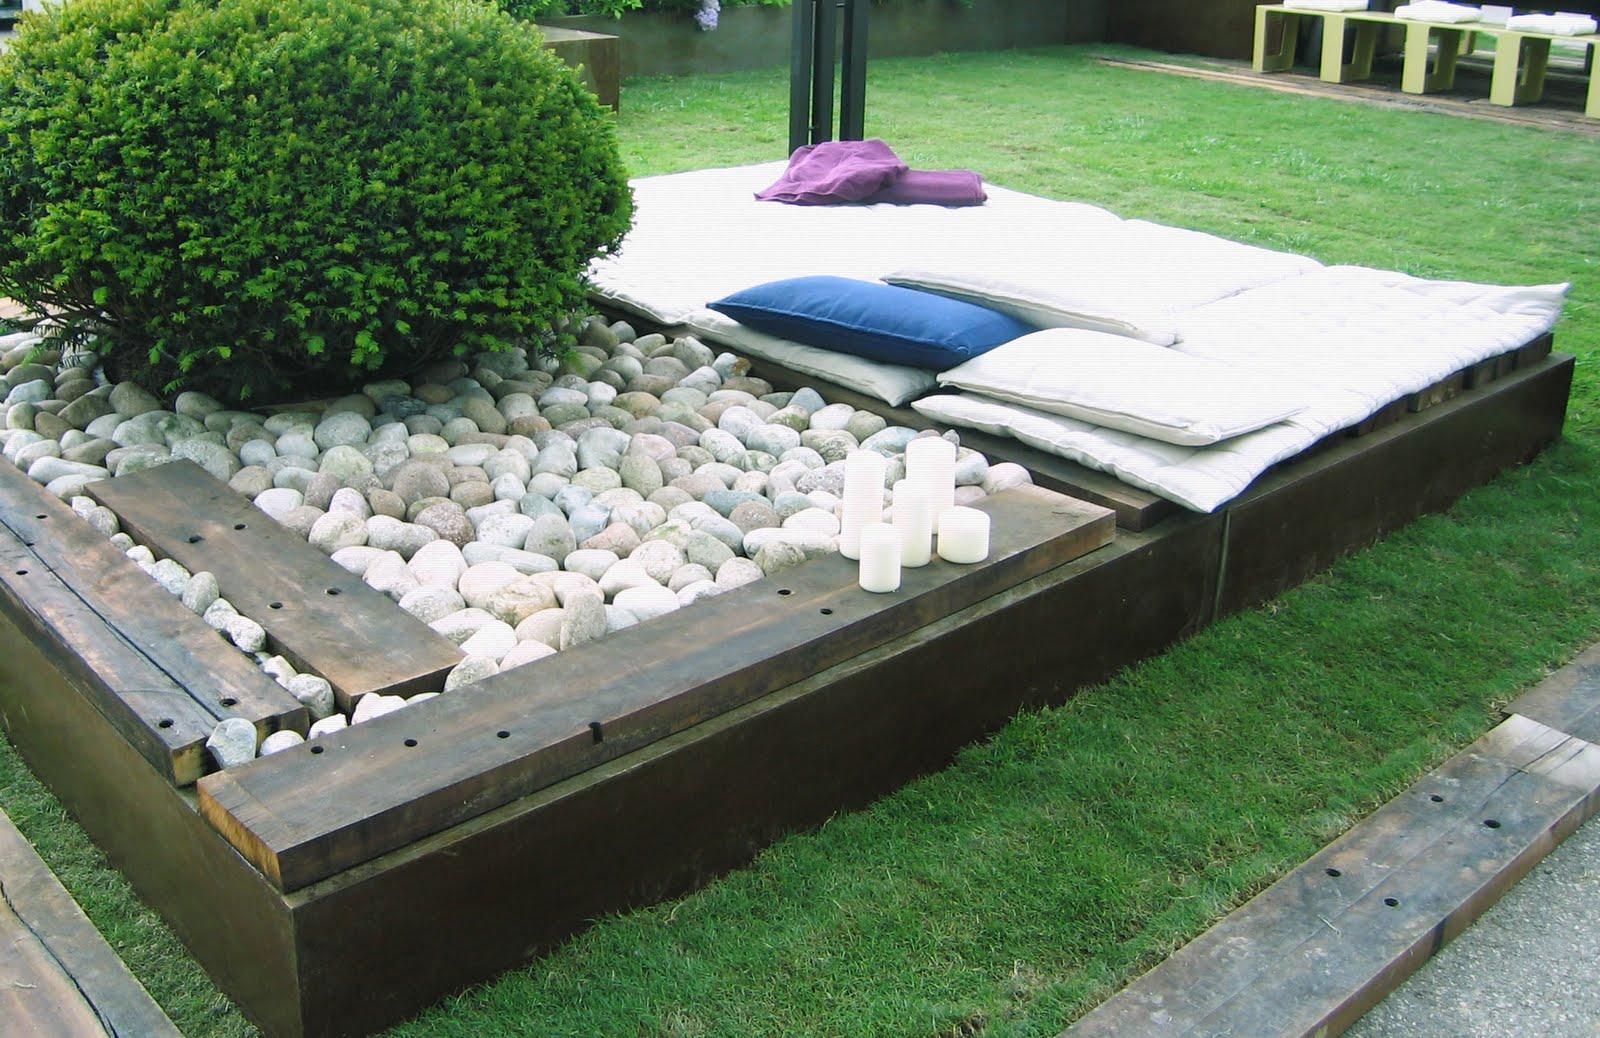 Hydroplants landscapes design a bologna per giardini e for Design giardini